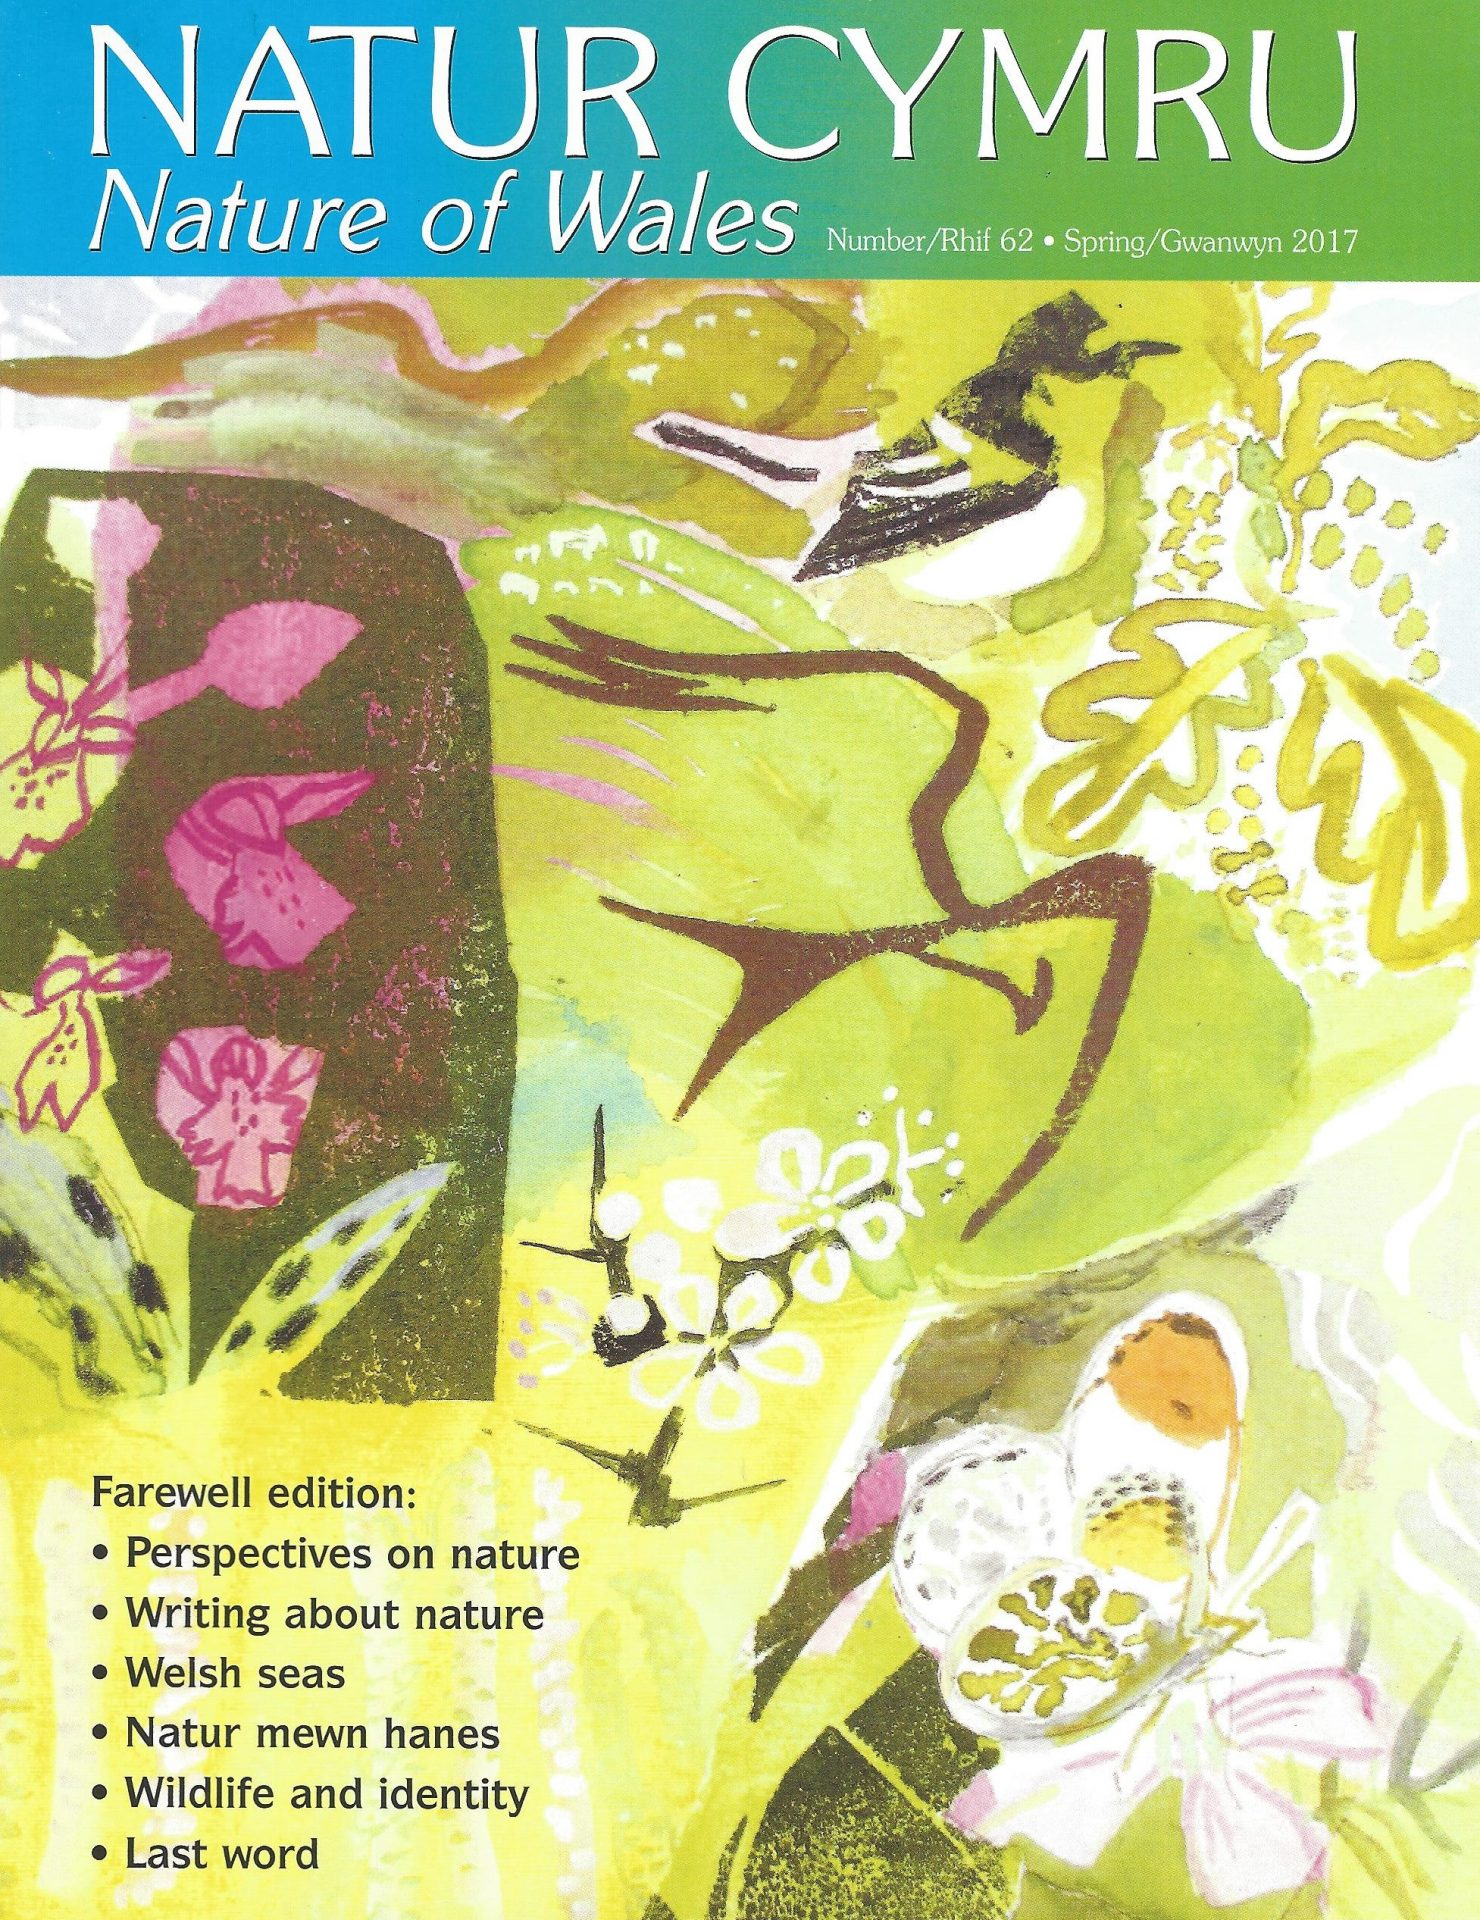 Issue 62 Natur Cymru cover